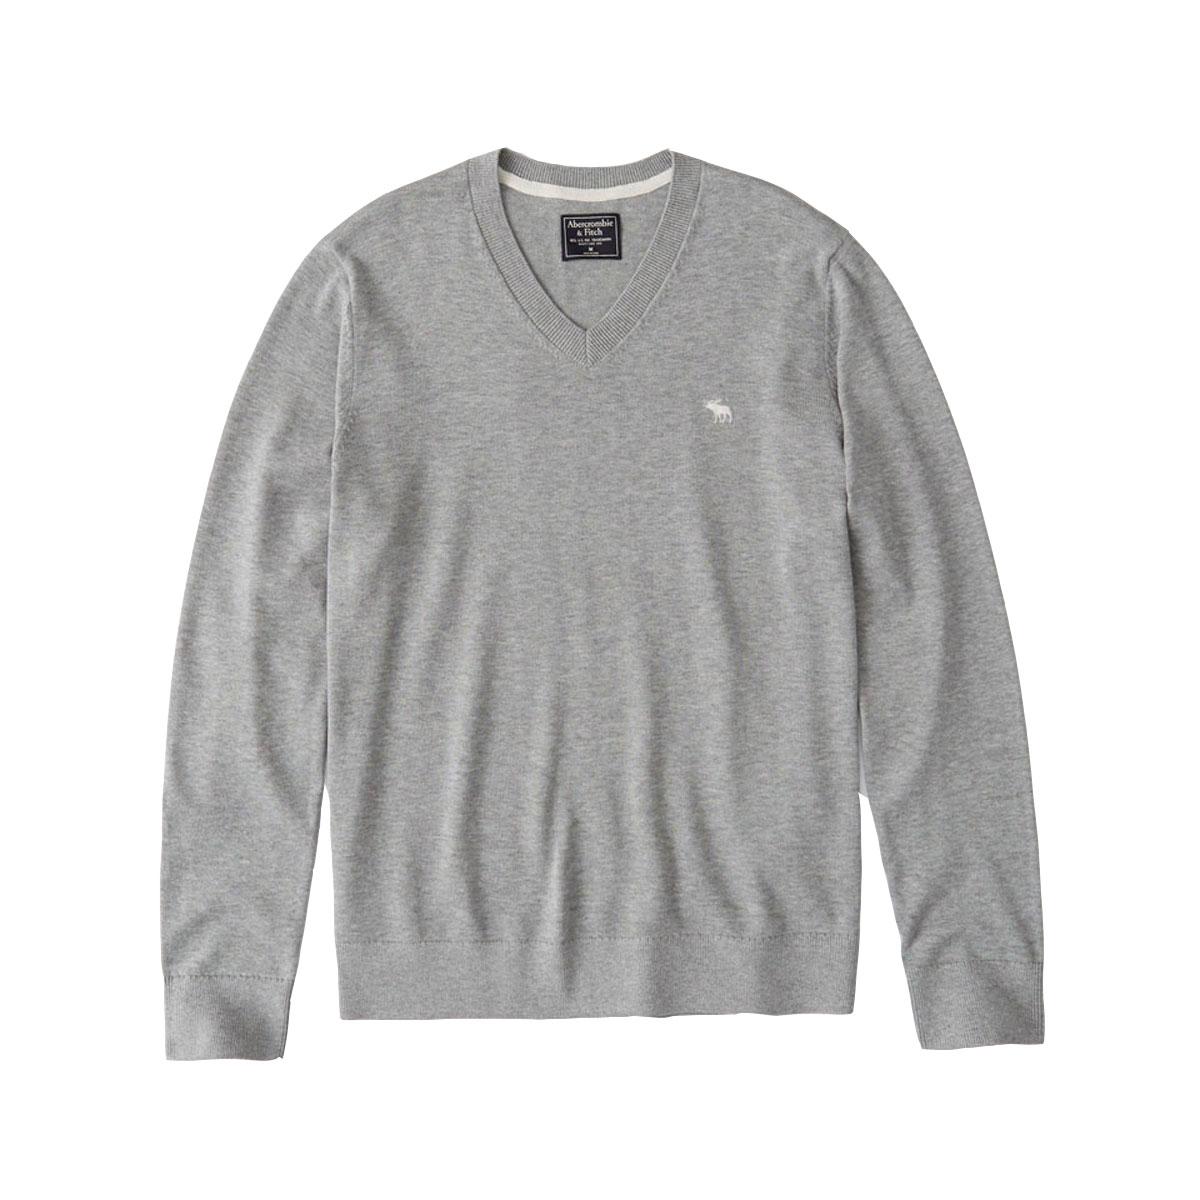 アバクロ セーター メンズ 正規品 Abercrombie&Fitch Vネックセーター ワンポイントロゴ  THE A&F ICON V-NECK SWEATER 120-201-1574-110 A02B B1C C1D D7E E02F